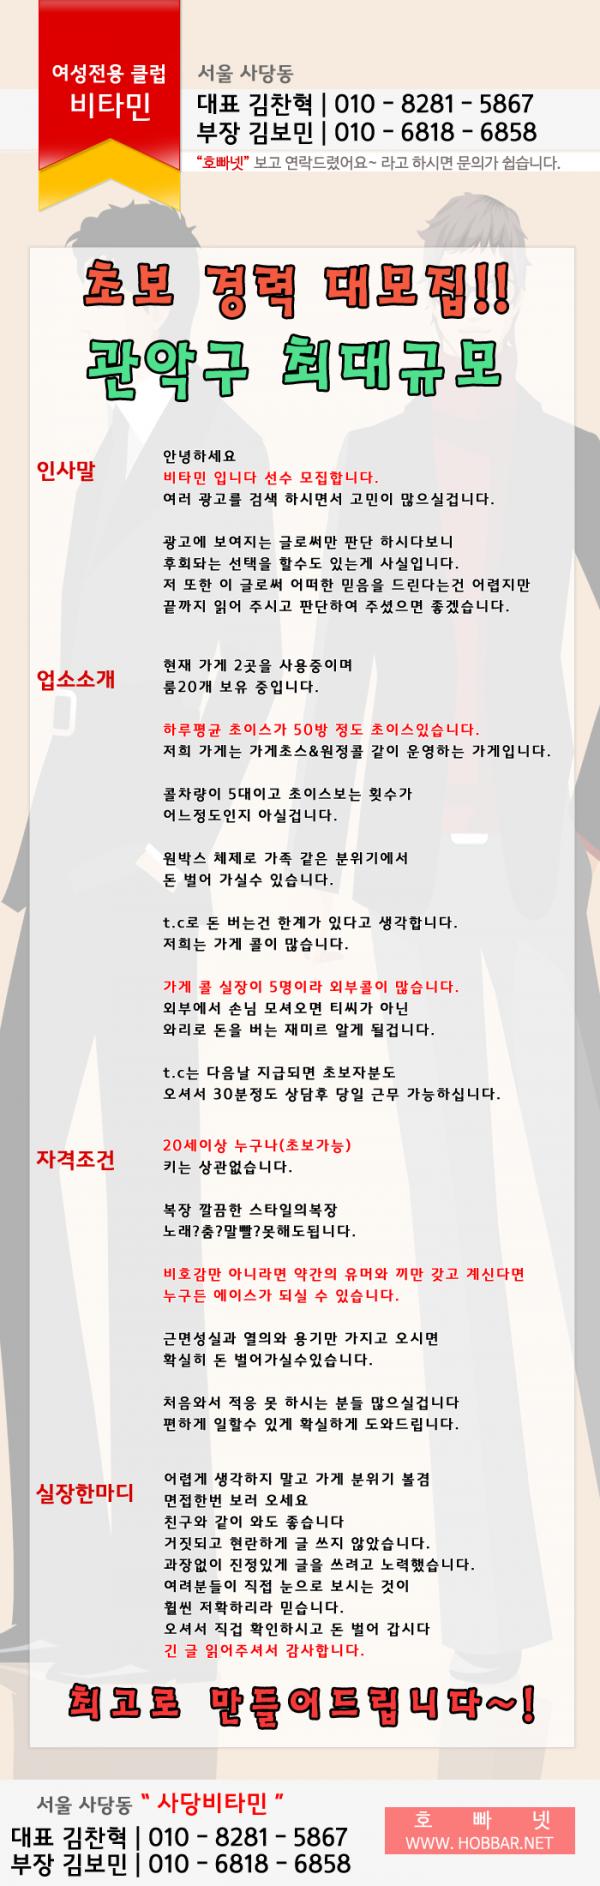 비타민 김찬혁.png